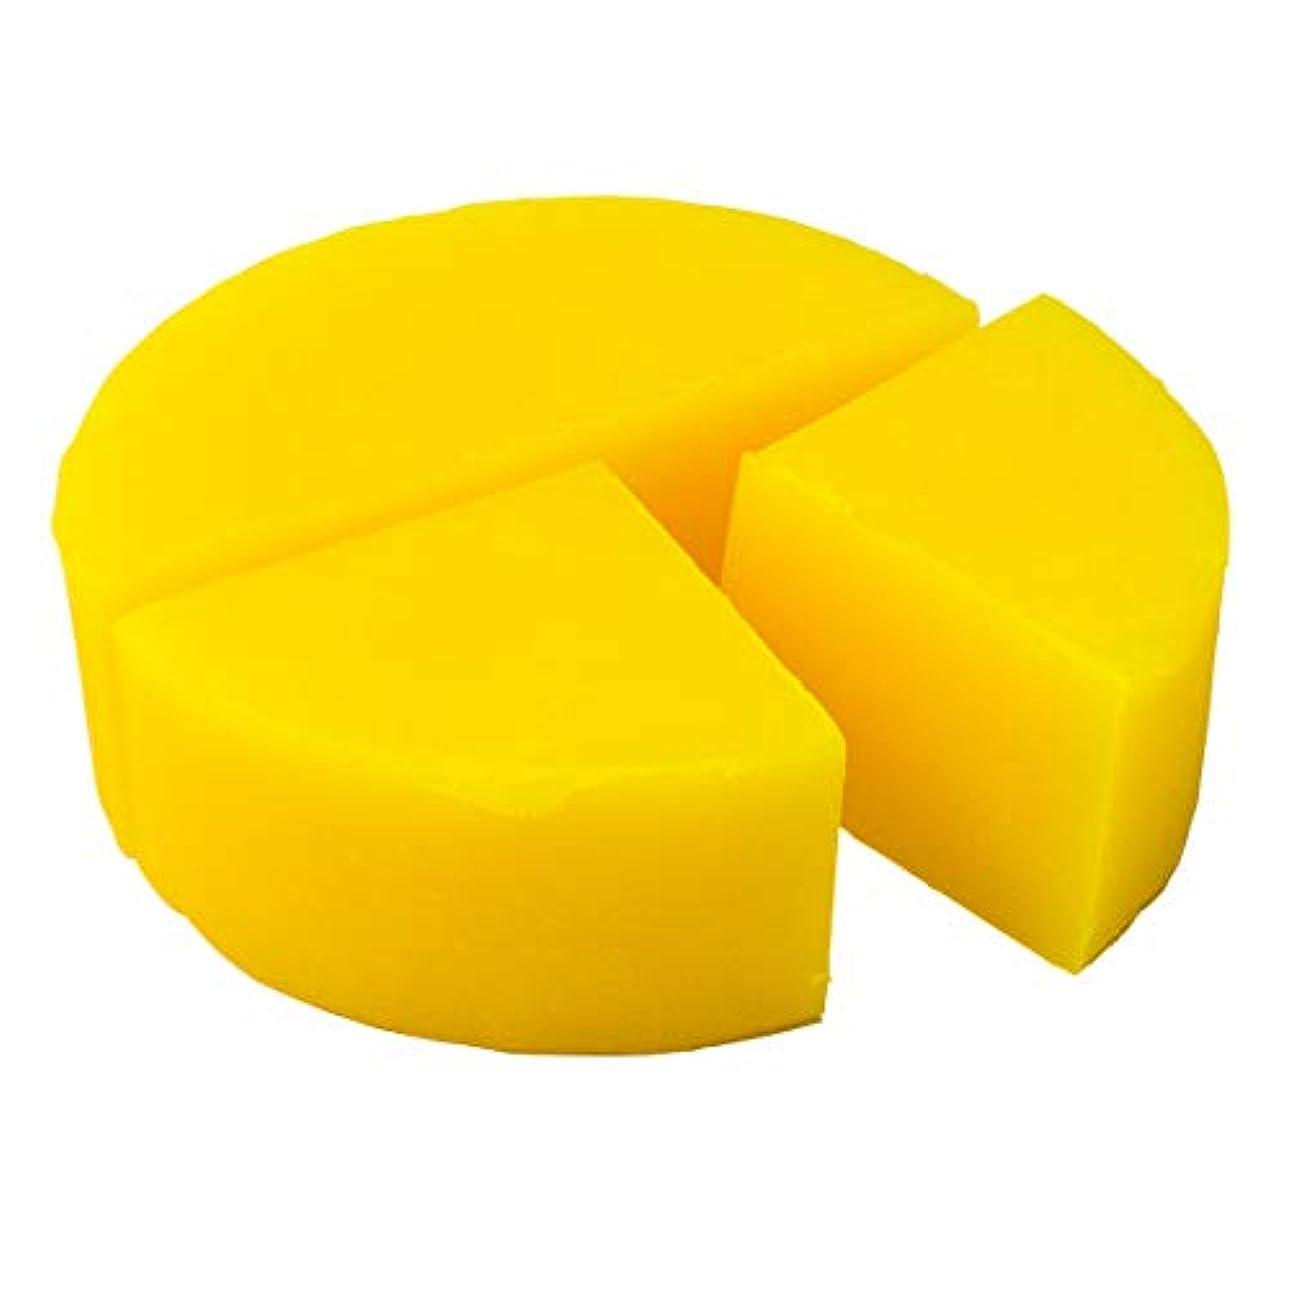 助言する後退する常習的グリセリン クリアソープ 色チップ 黄 100g (MPソープ)